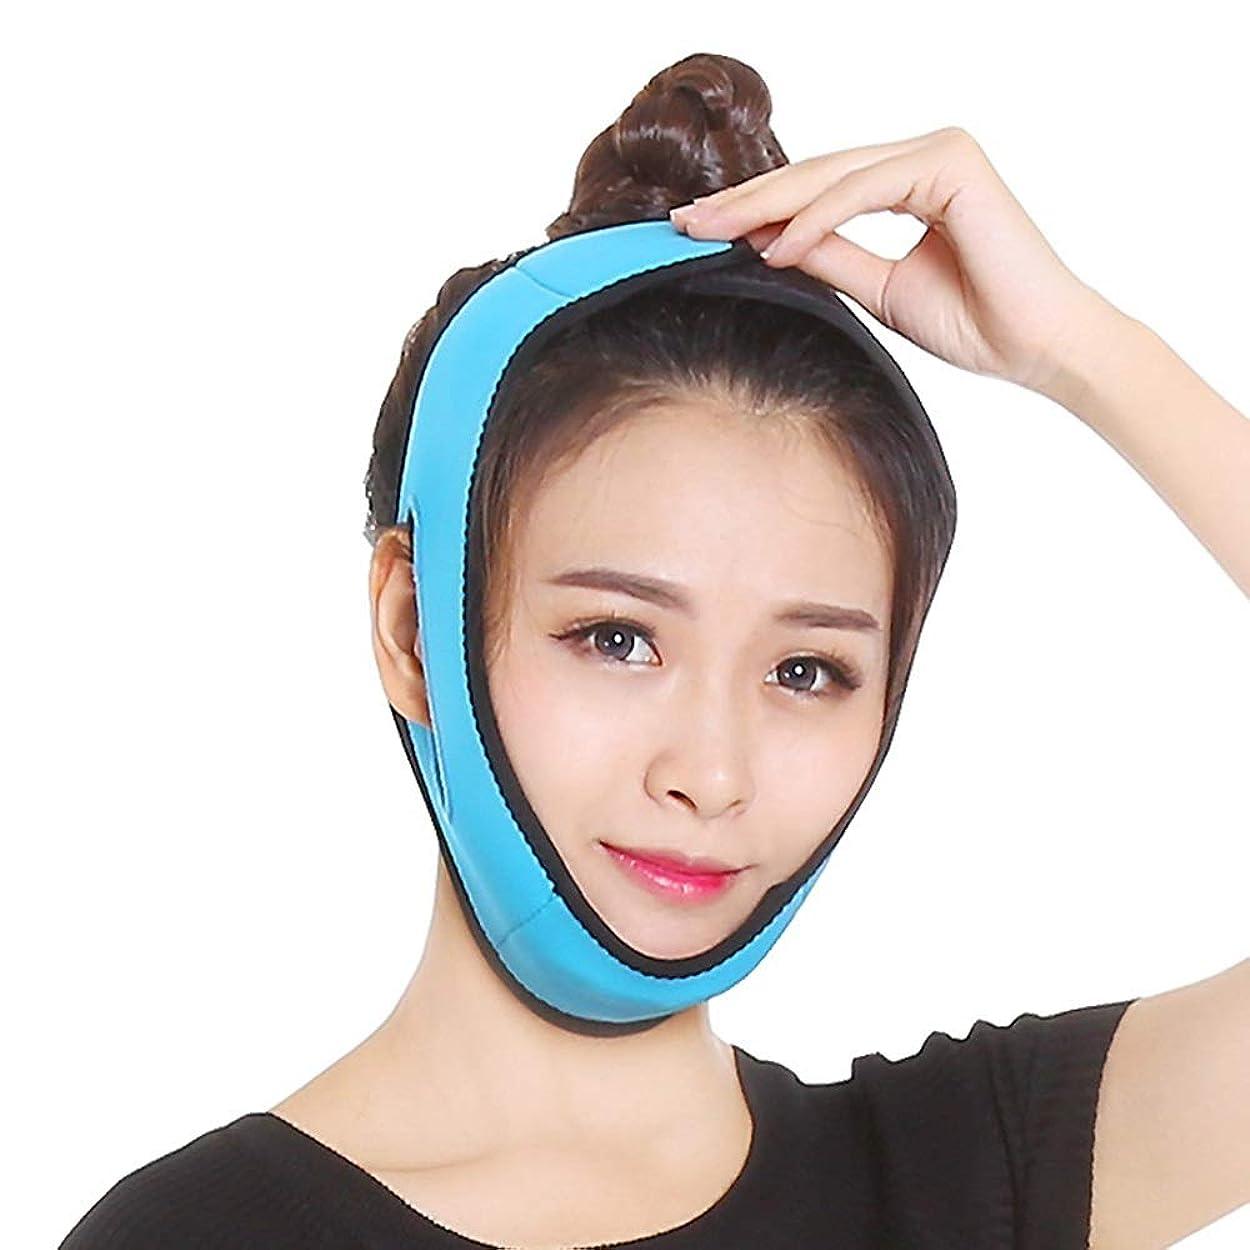 ペンフレンド刃いつ薄い顔のベルト - 薄い顔のツール薄い顔のベルト通気性のラテックスのマッサージV型の顔のアーティファクトの顔の薄いマスク